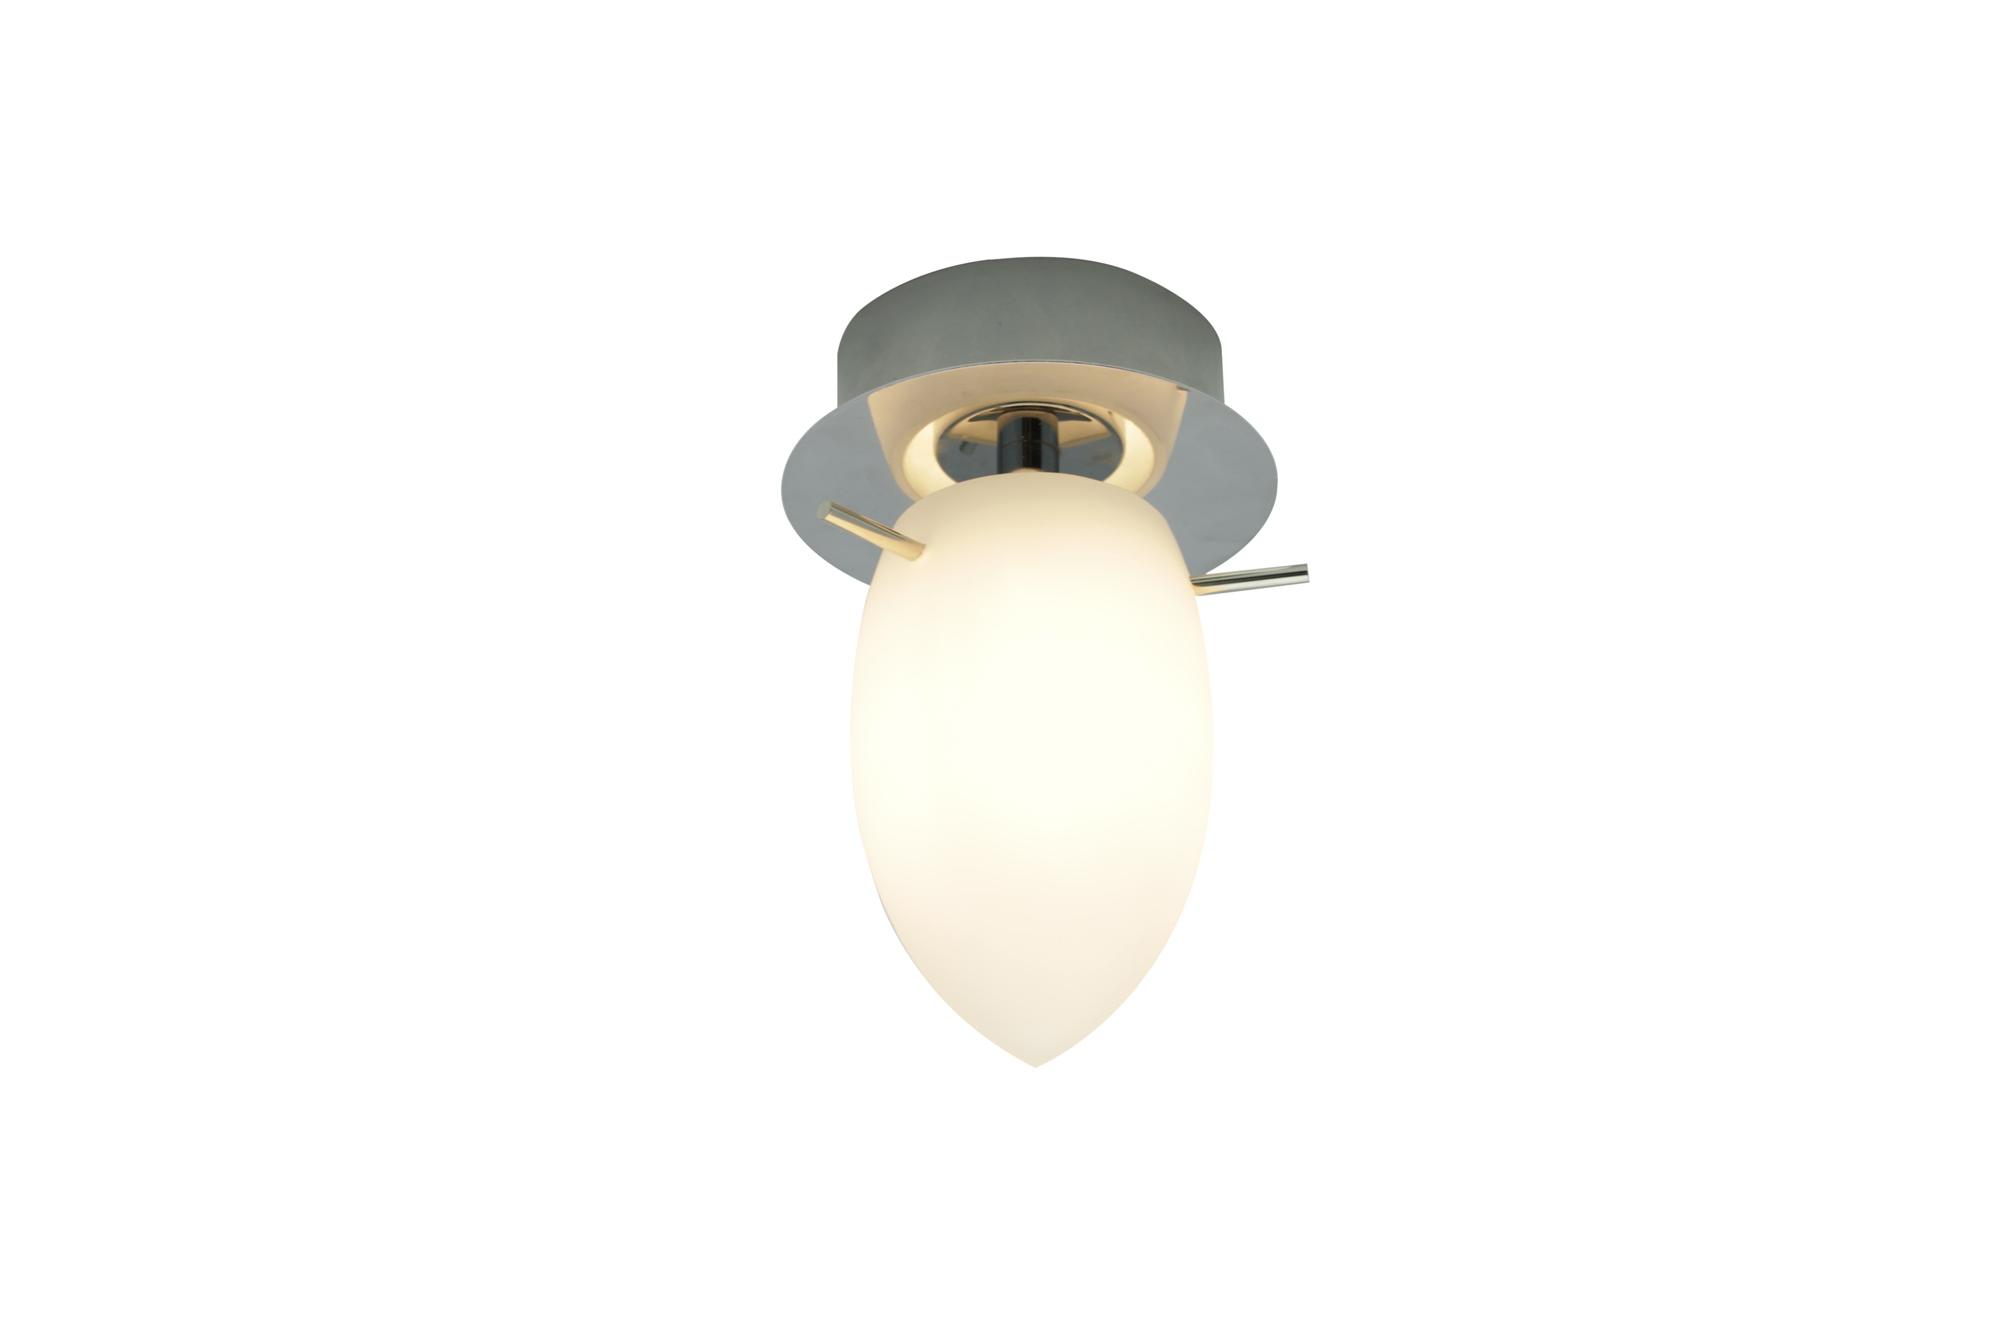 LED Deckenlampe Deckenleuchte Caluga Murano-Glas mundgeblasen Glasdurchmesser Ø 7 cm Chrom Deckenmontage Ø 10 cm